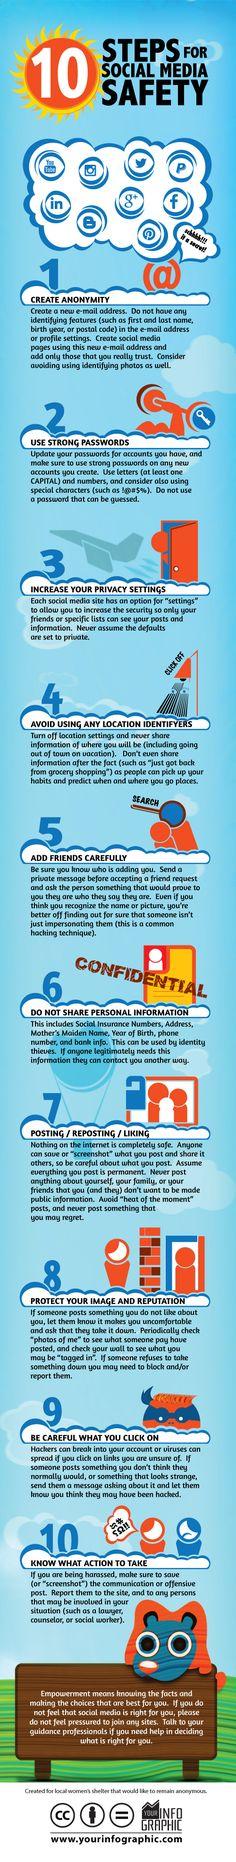 https://goo.gl/4iROKc 10 Steps for Social Media safety #infografia #infographic #socialmedia